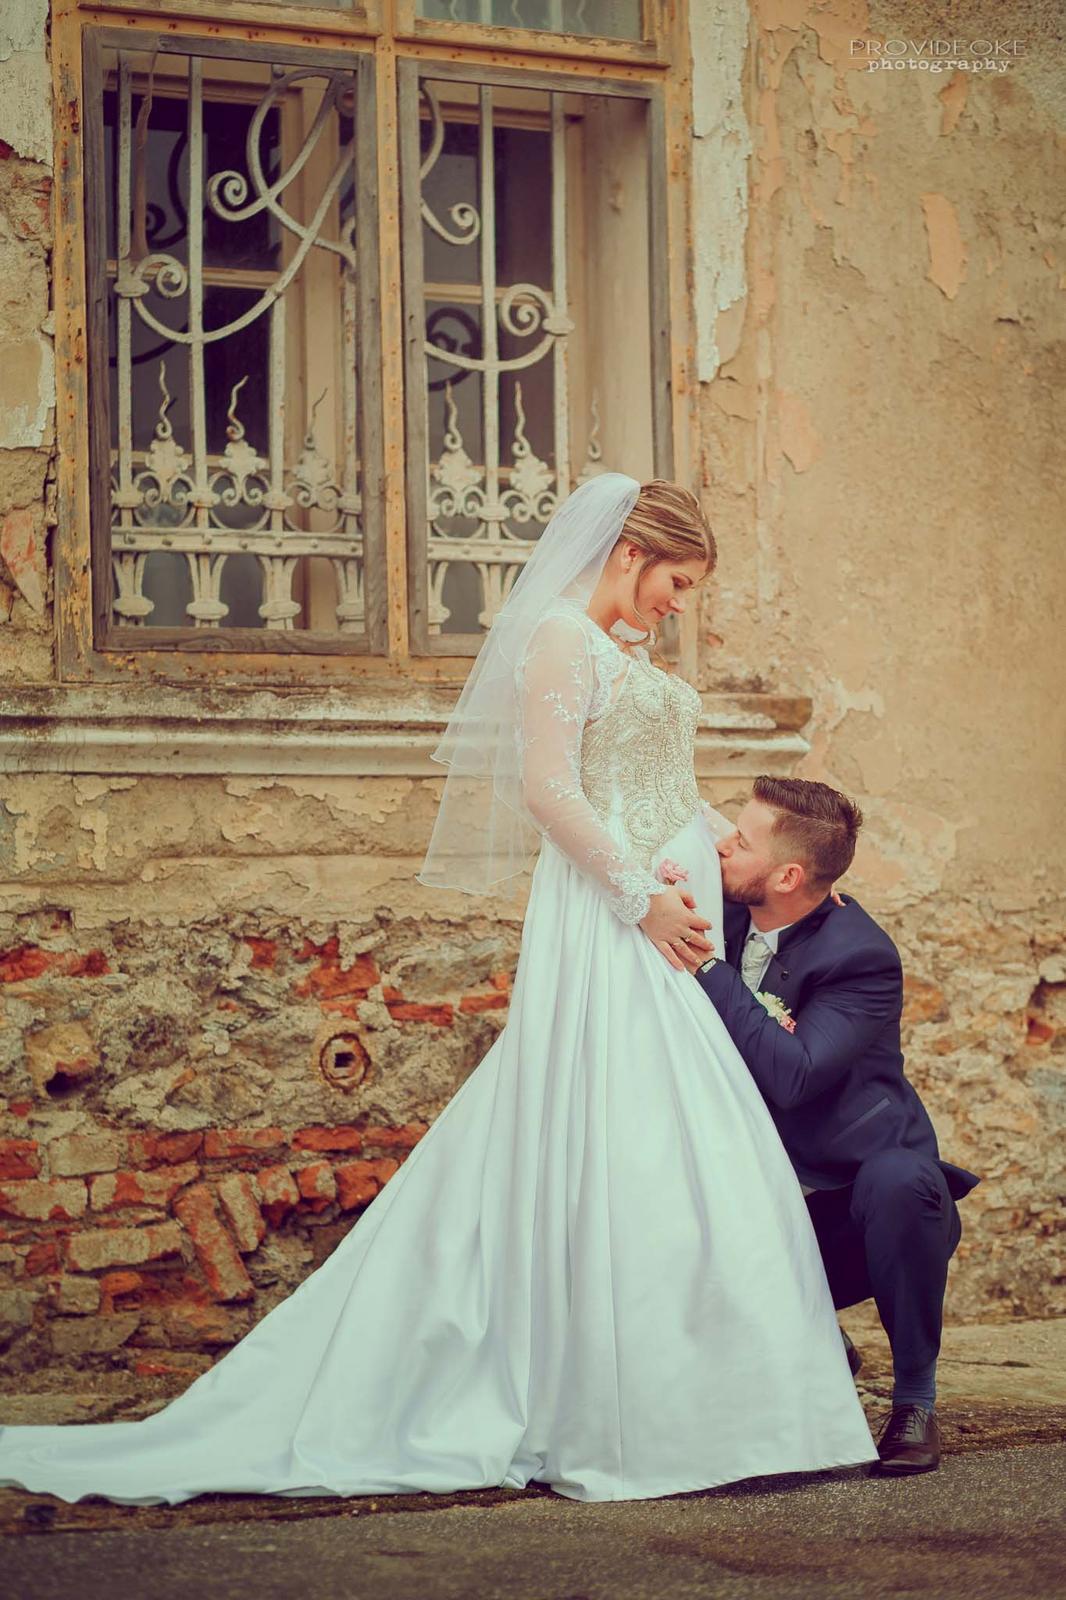 Svadobné príbehy ... - Obrázok č. 3